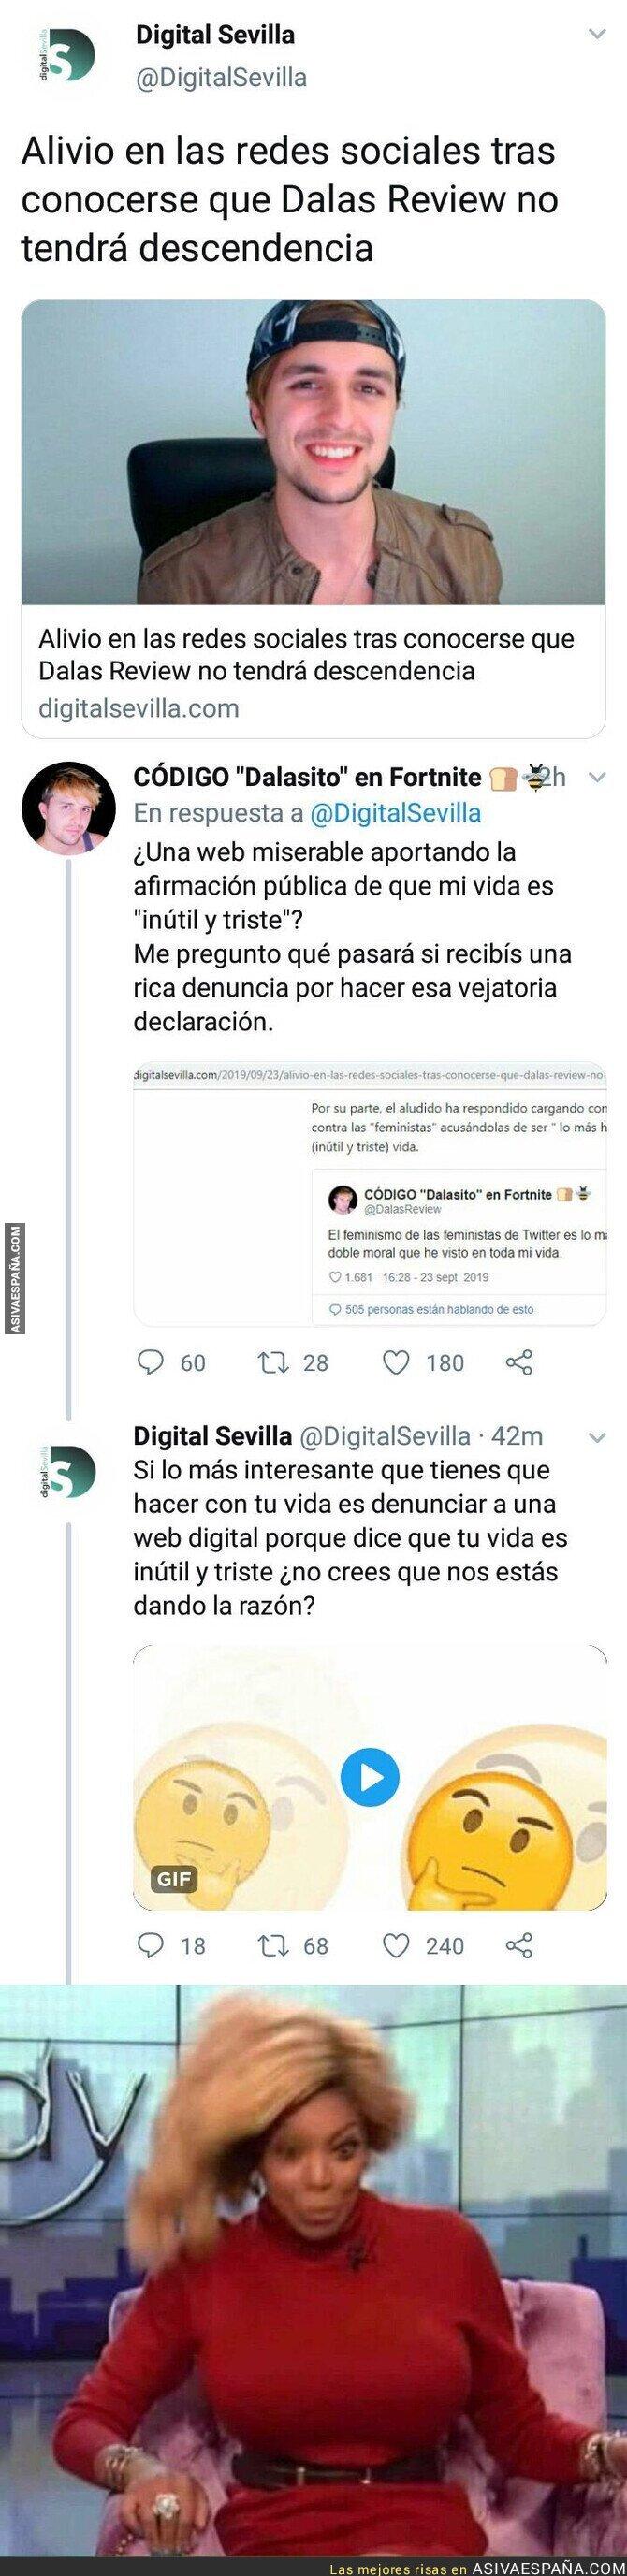 121931 - Dalas Review amenaza a Digital Sevilla con una denuncia y solo necesitan una respuesta para destrozarle por completo